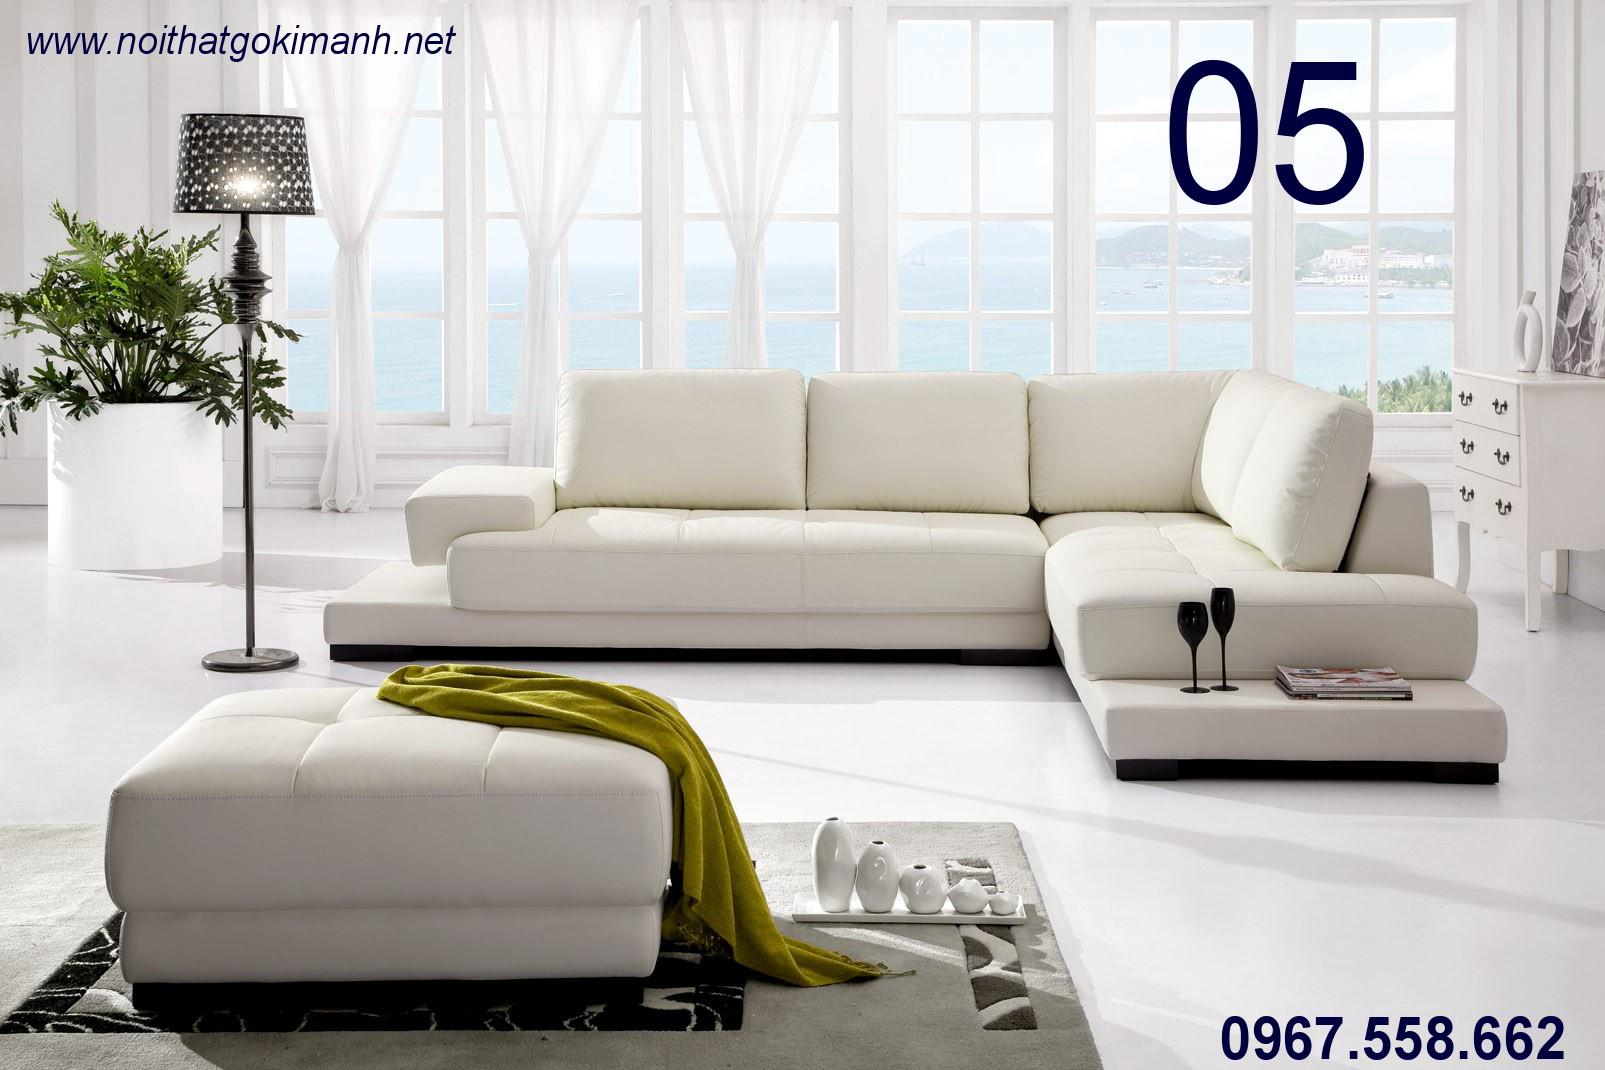 4 Sofa hiện đại - sofa hiện đại giá rẻ tại Q1, Q2, Q3, Q5, Q6, Q7, Q9, Bình Thạnh, Tân Bình